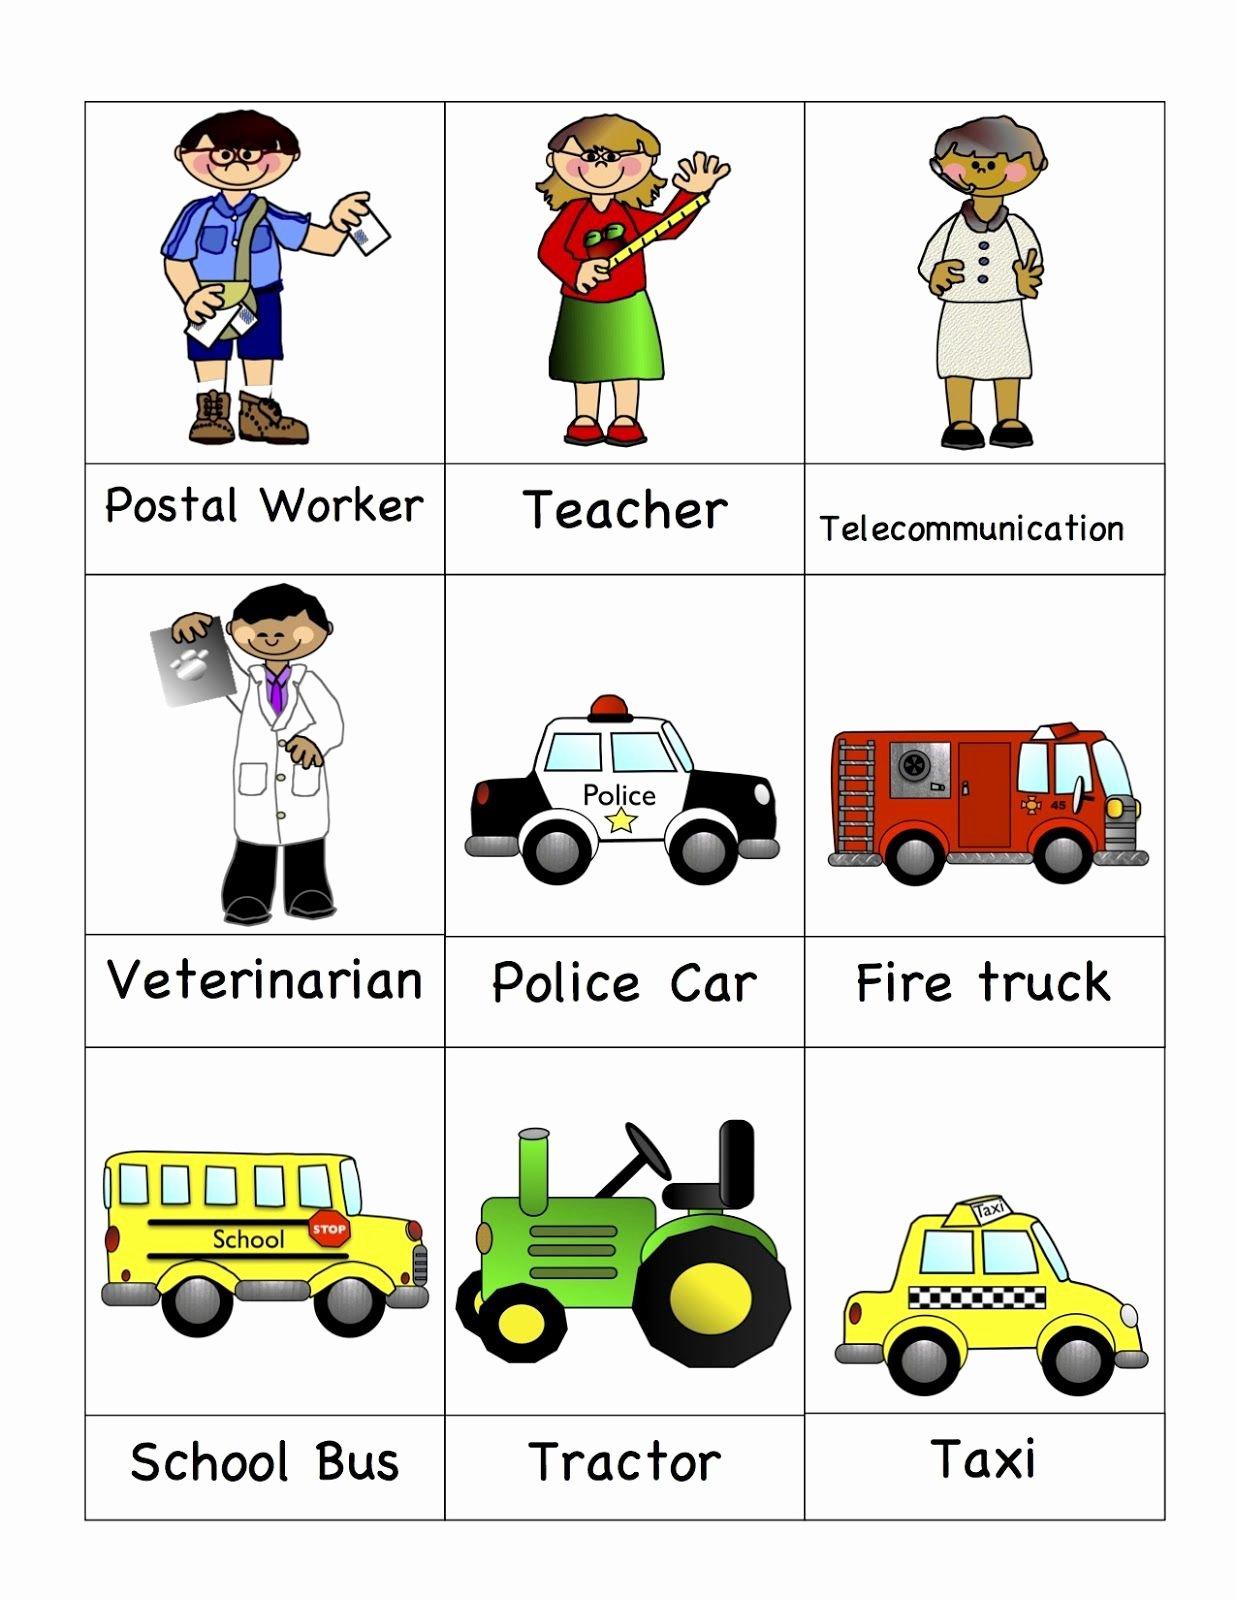 Community Helpers Worksheet for Preschool Lovely Helpers 9 Card Template 2 1 236—1 600 Pixels